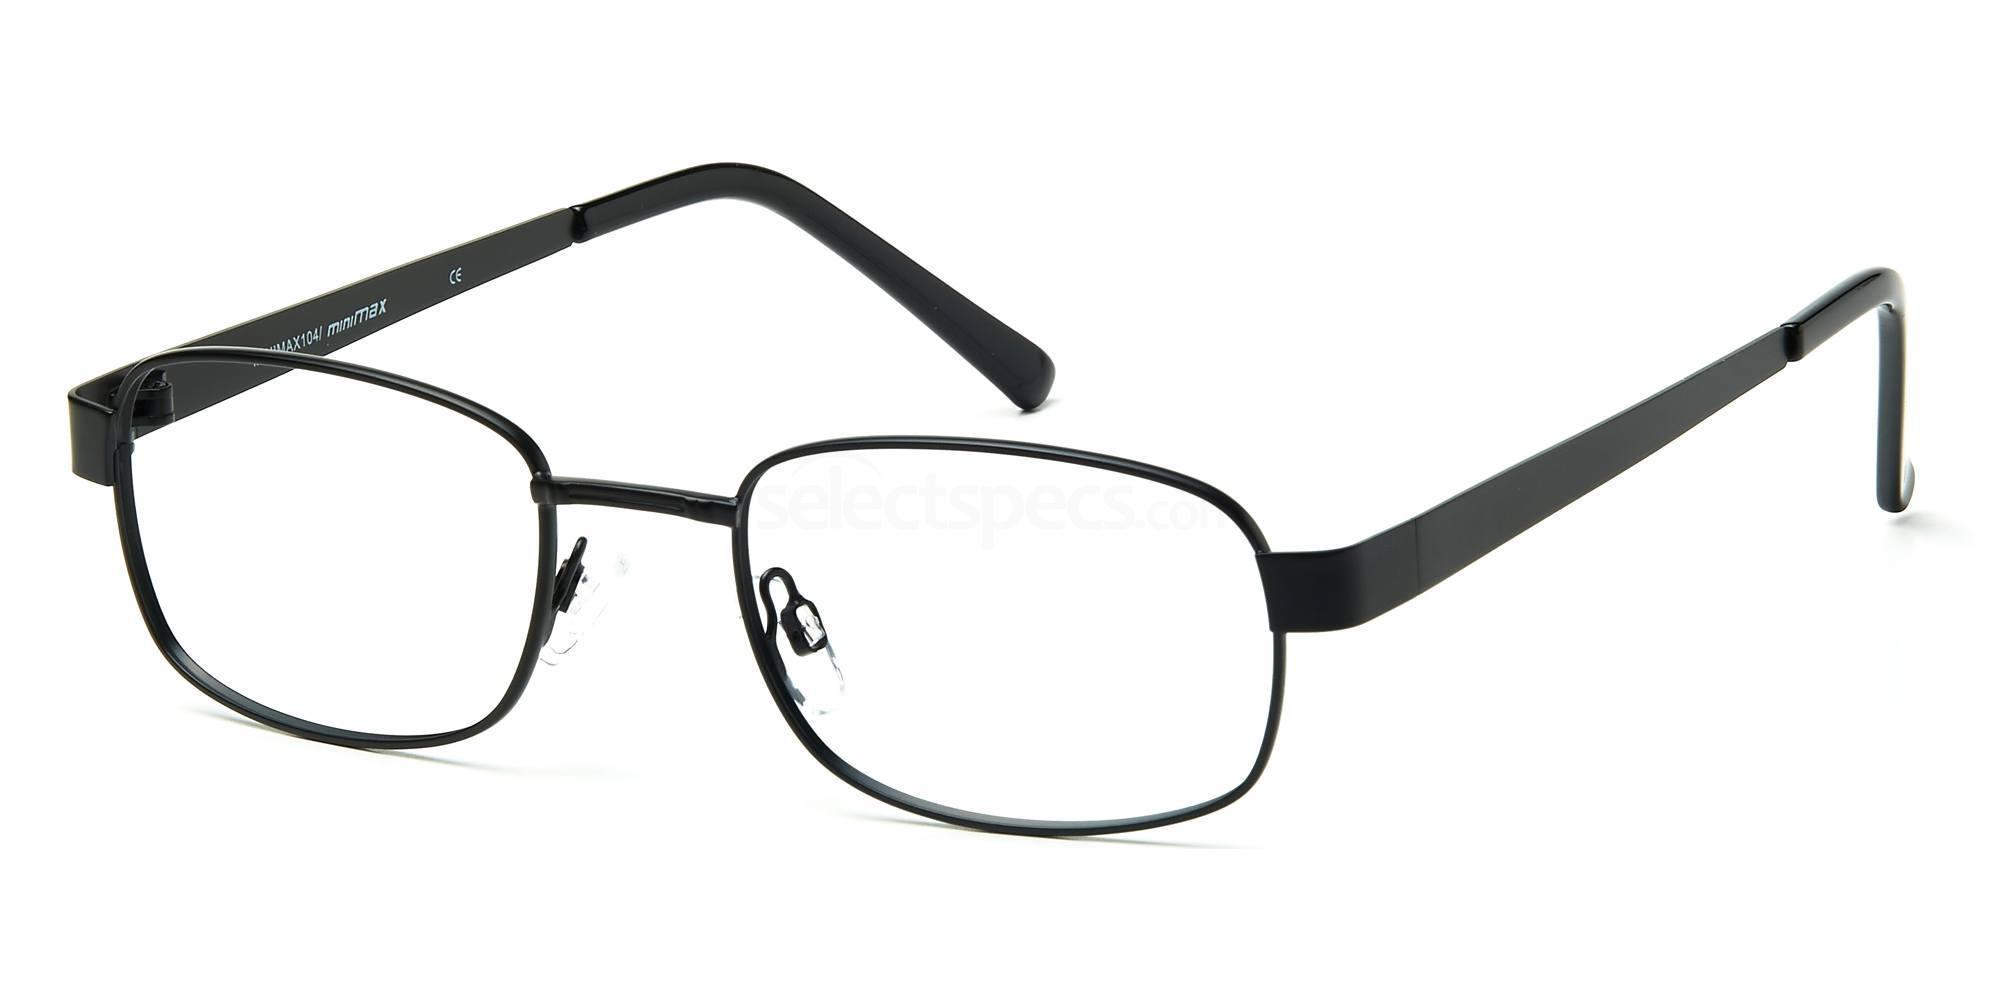 C1 MINIMAX104 Glasses, Minimax